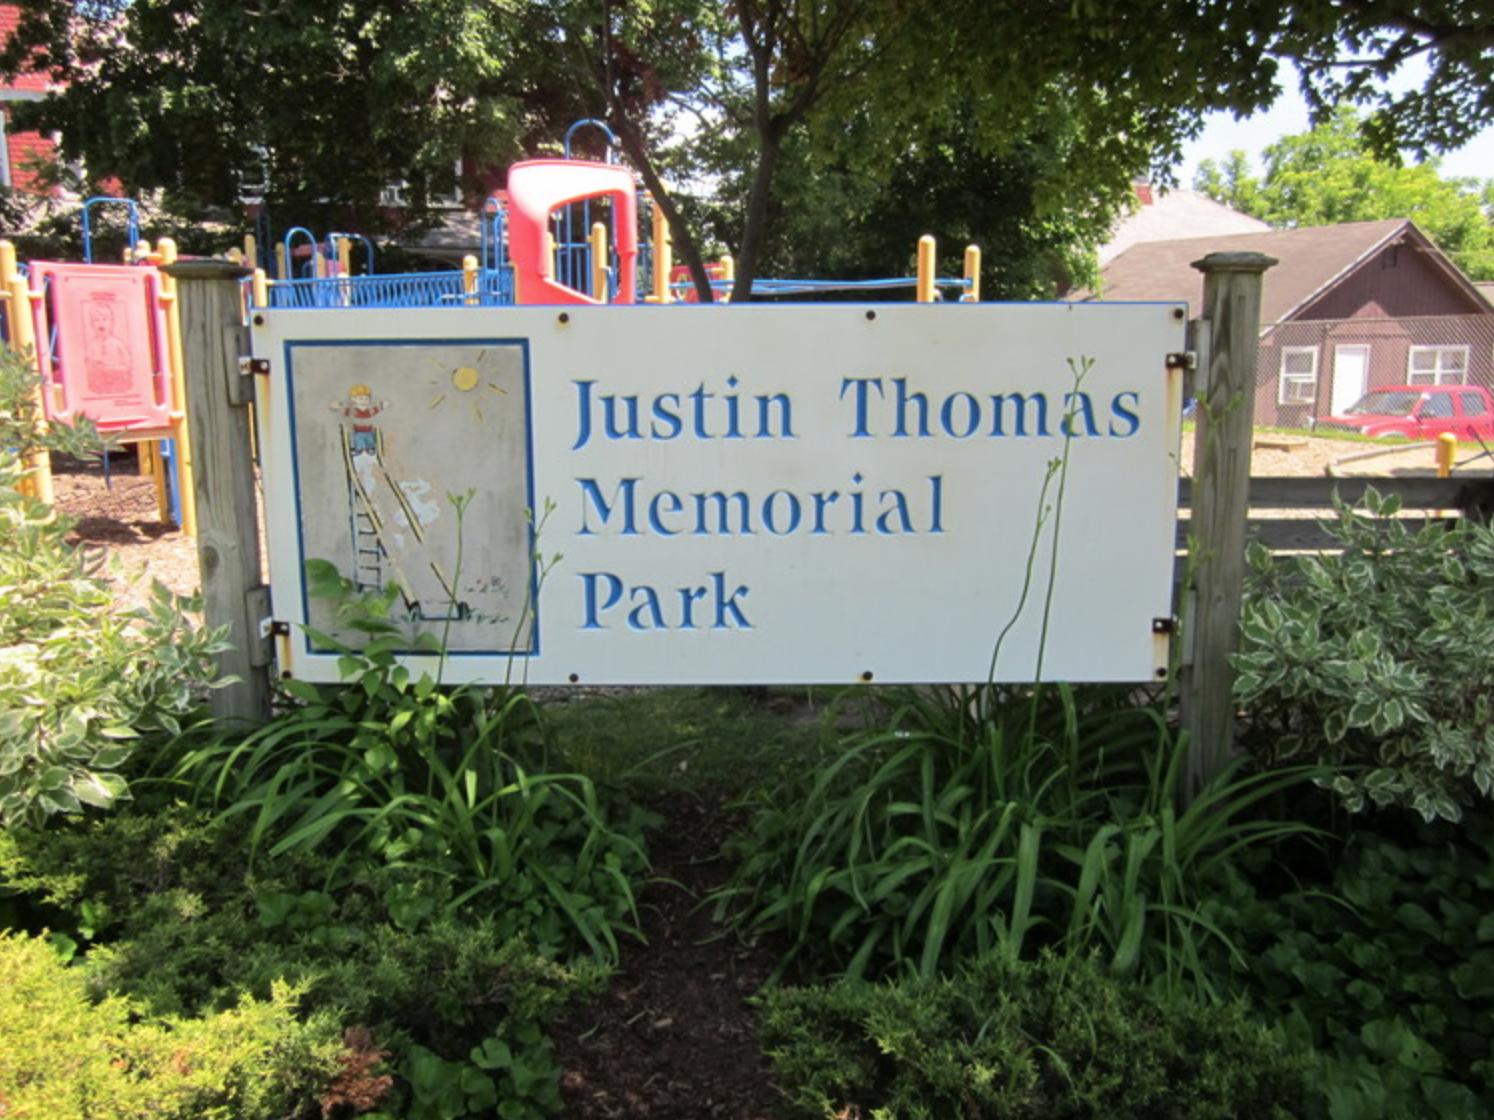 justin-thomas-memorial-park.png